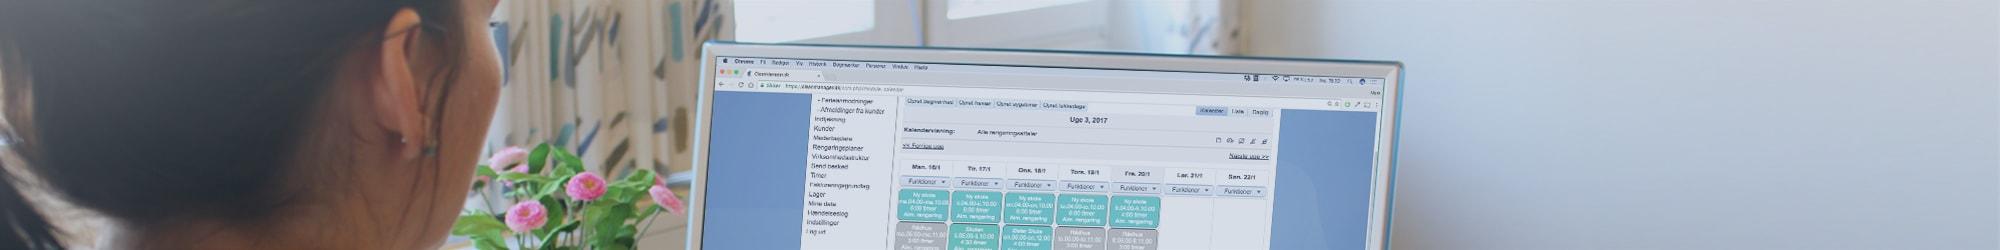 Funktioner i CleanManager på computerskærm